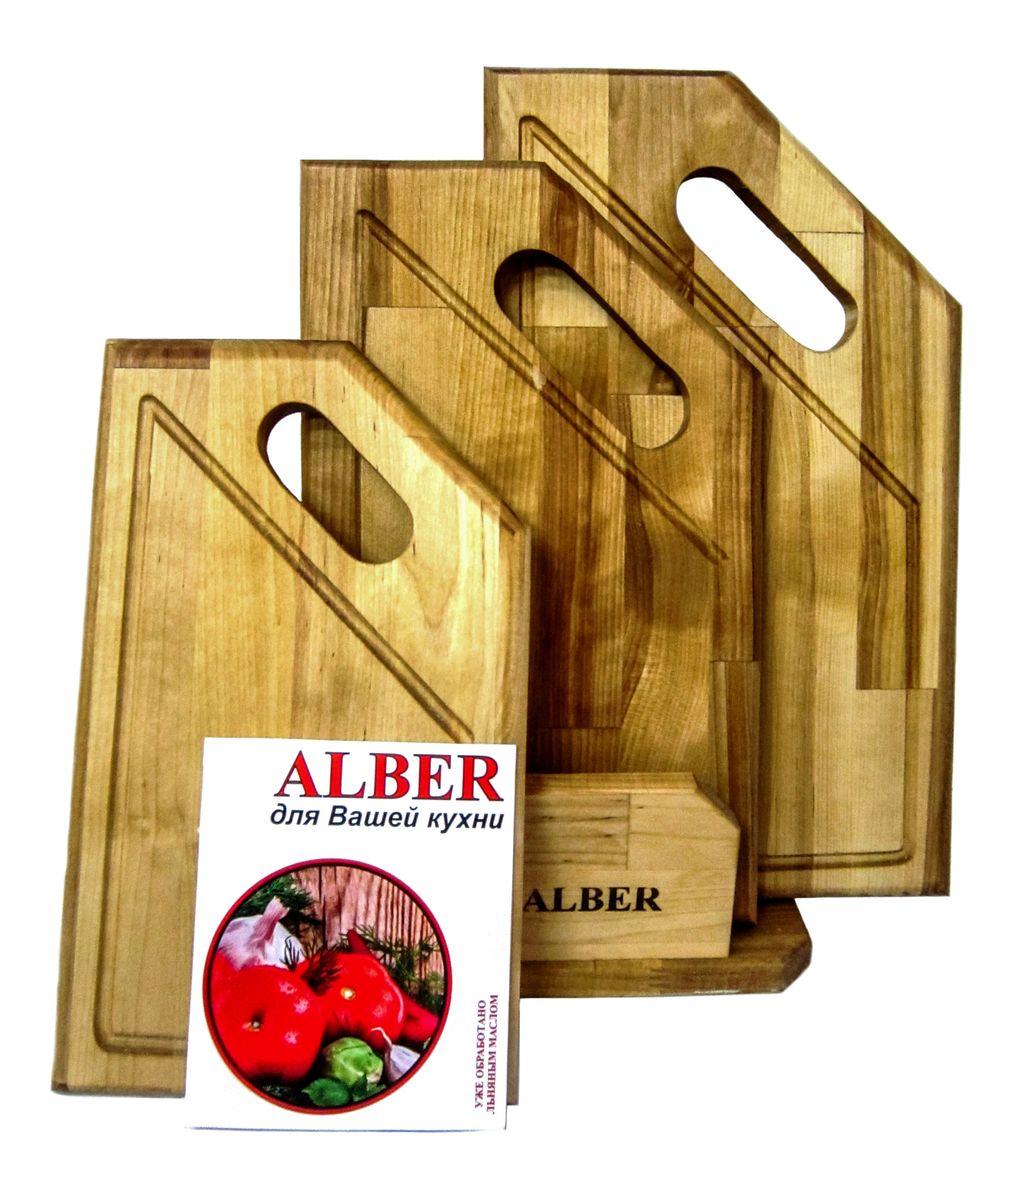 Набор досок разделочных Угловая ручка в кассете (3 доски разного размера)0080051Прочные, гладкие, с естественной березовой текстурой, доски обработаны льняным маслом для предохранения от рассыхания. Изделия имеют индивидуальную пленочную упаковку и оригинальную гравировку - нельзя мыть деревянную доску в посудомоечной машине, а также оставлять надолго погруженной в воду; - после каждого использования нужно промыть доску мыльной водой, тщательно сполоснуть проточной водой и вытереть насухо; - хранить доски лучше в подвешенном состоянии или просто поставив вертикально; - новую сухую доску (если она не обработана) перед началом нужно смазать маслом; масло должно быть безопасным и устойчивым к порче при комнатной температуре (оптимальный вариант - льняное масло, в отличие от подсолнечного или оливкового, которые со временем портятся); повторять эту процедуру необходимо в среднем раз в месяц - по мере высыхания масла; - заменять разделочную доску на кухне рекомендуется 1 раз в год.